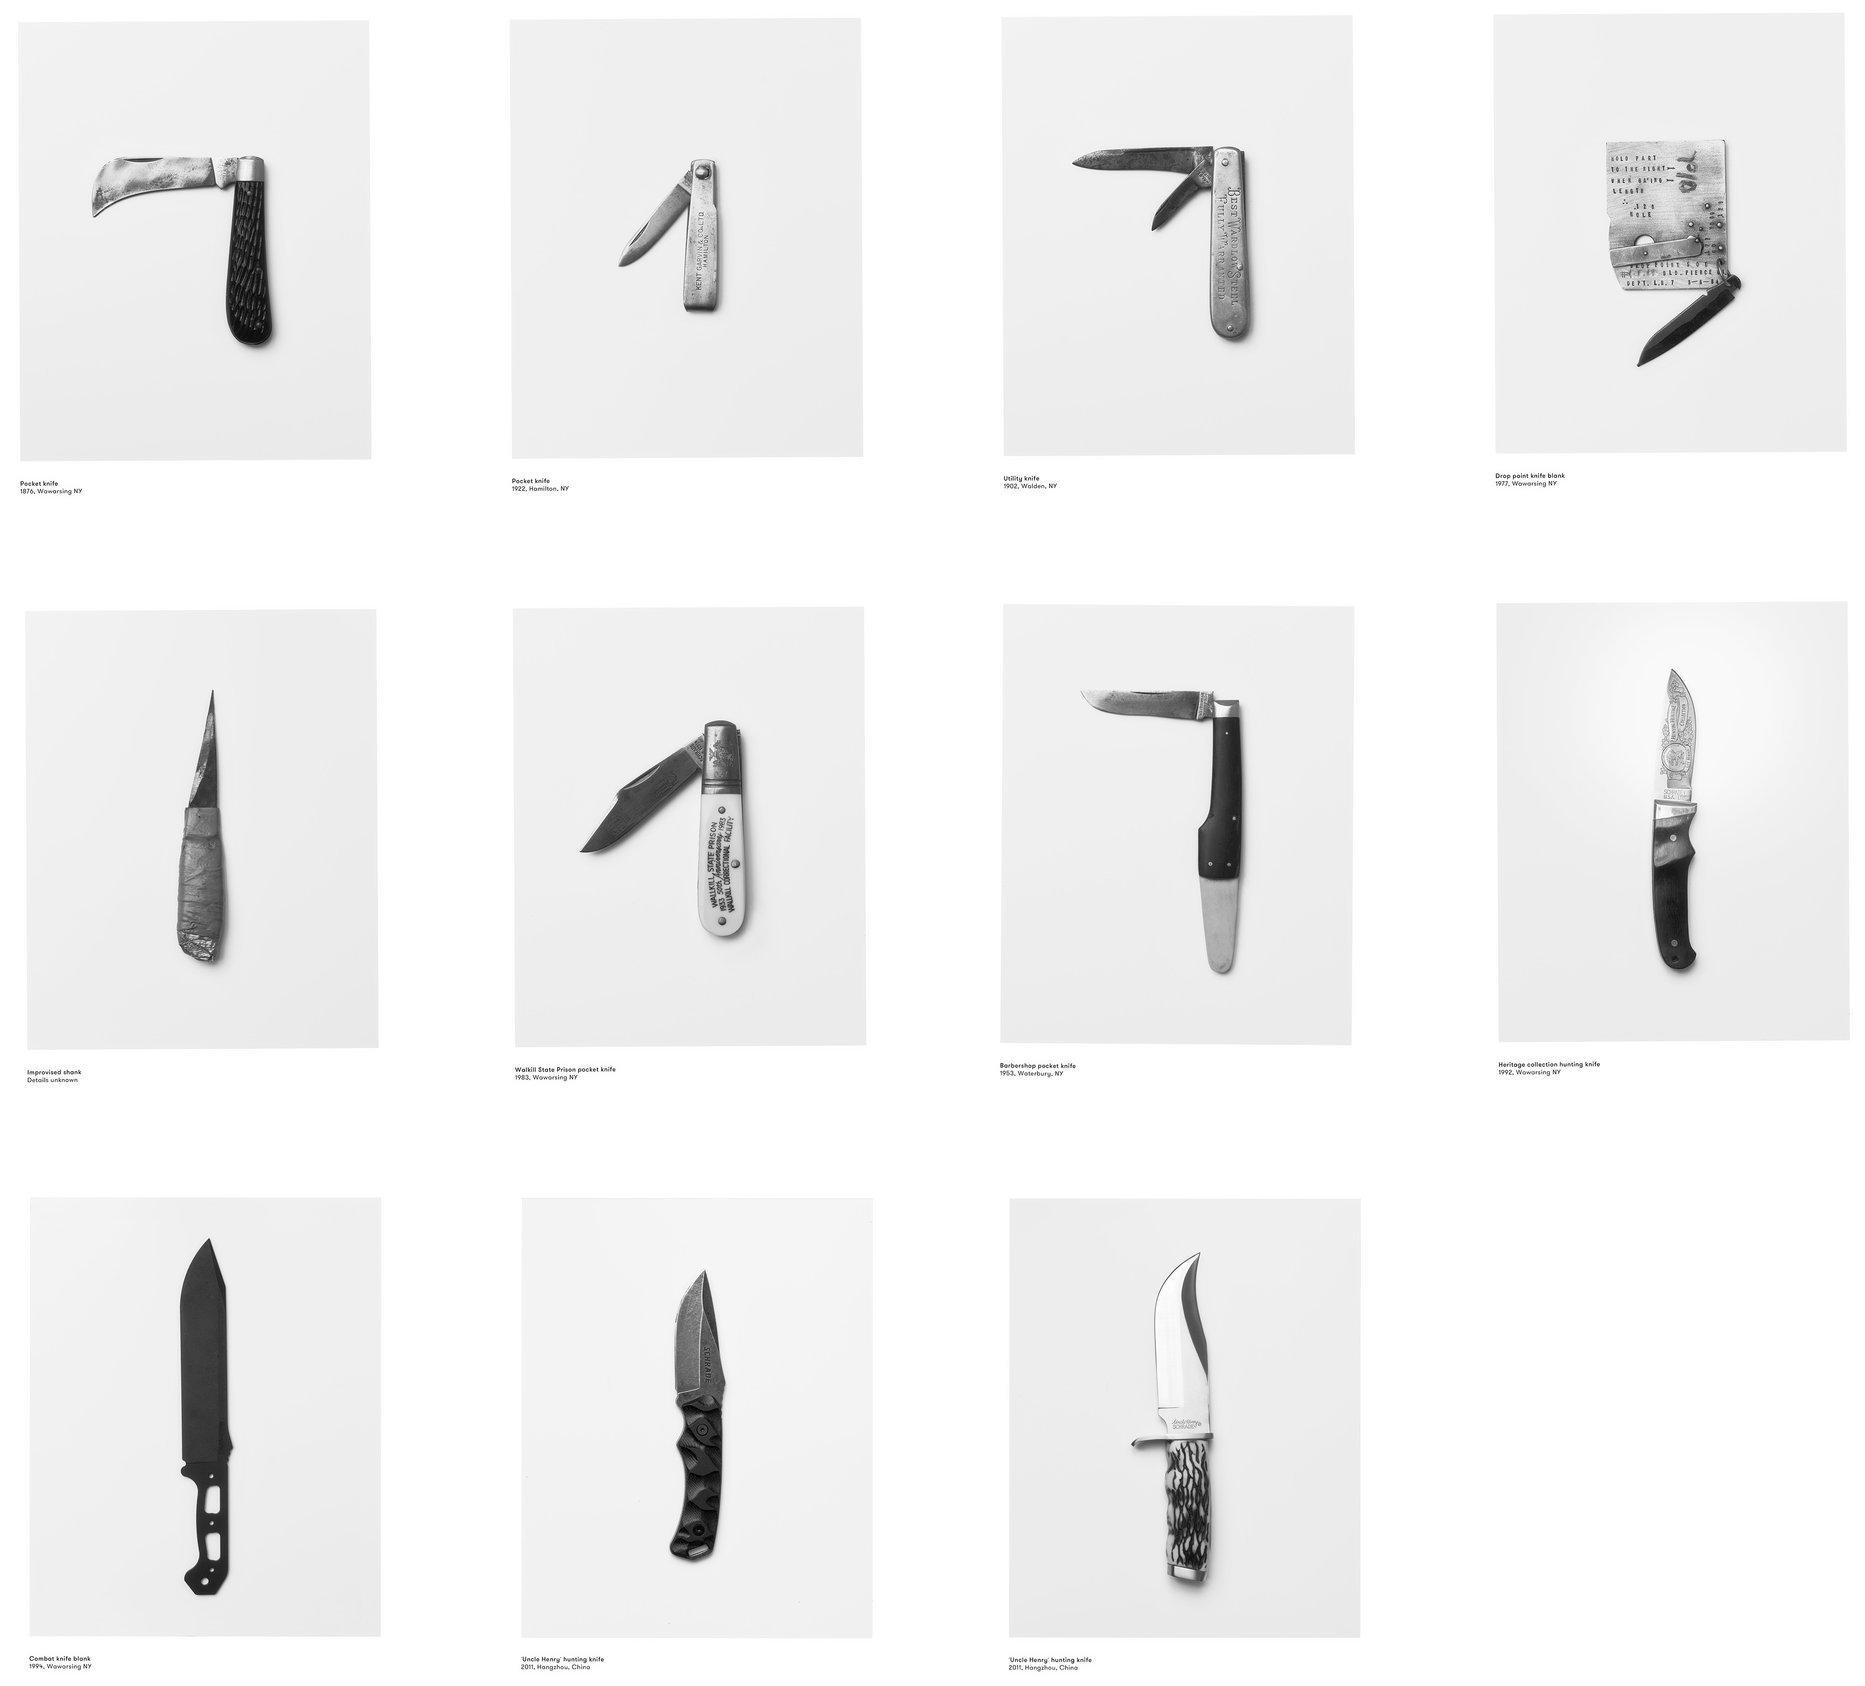 knives_group.jpg